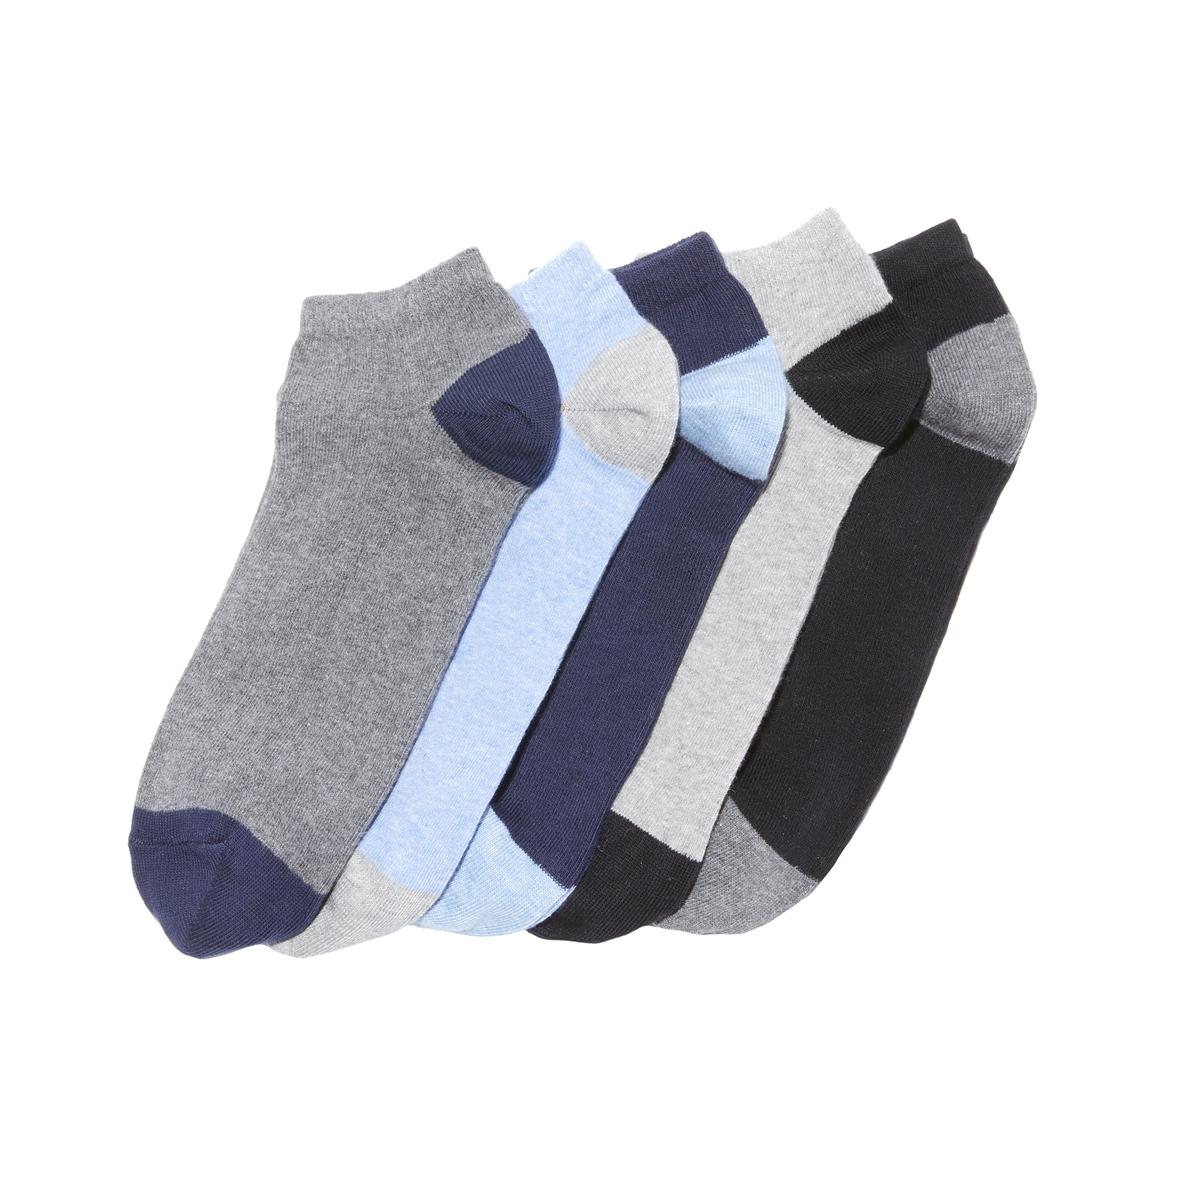 Комплект из 5 пар коротких носков носки оригинальные 1 мес 3 лет 5 пар